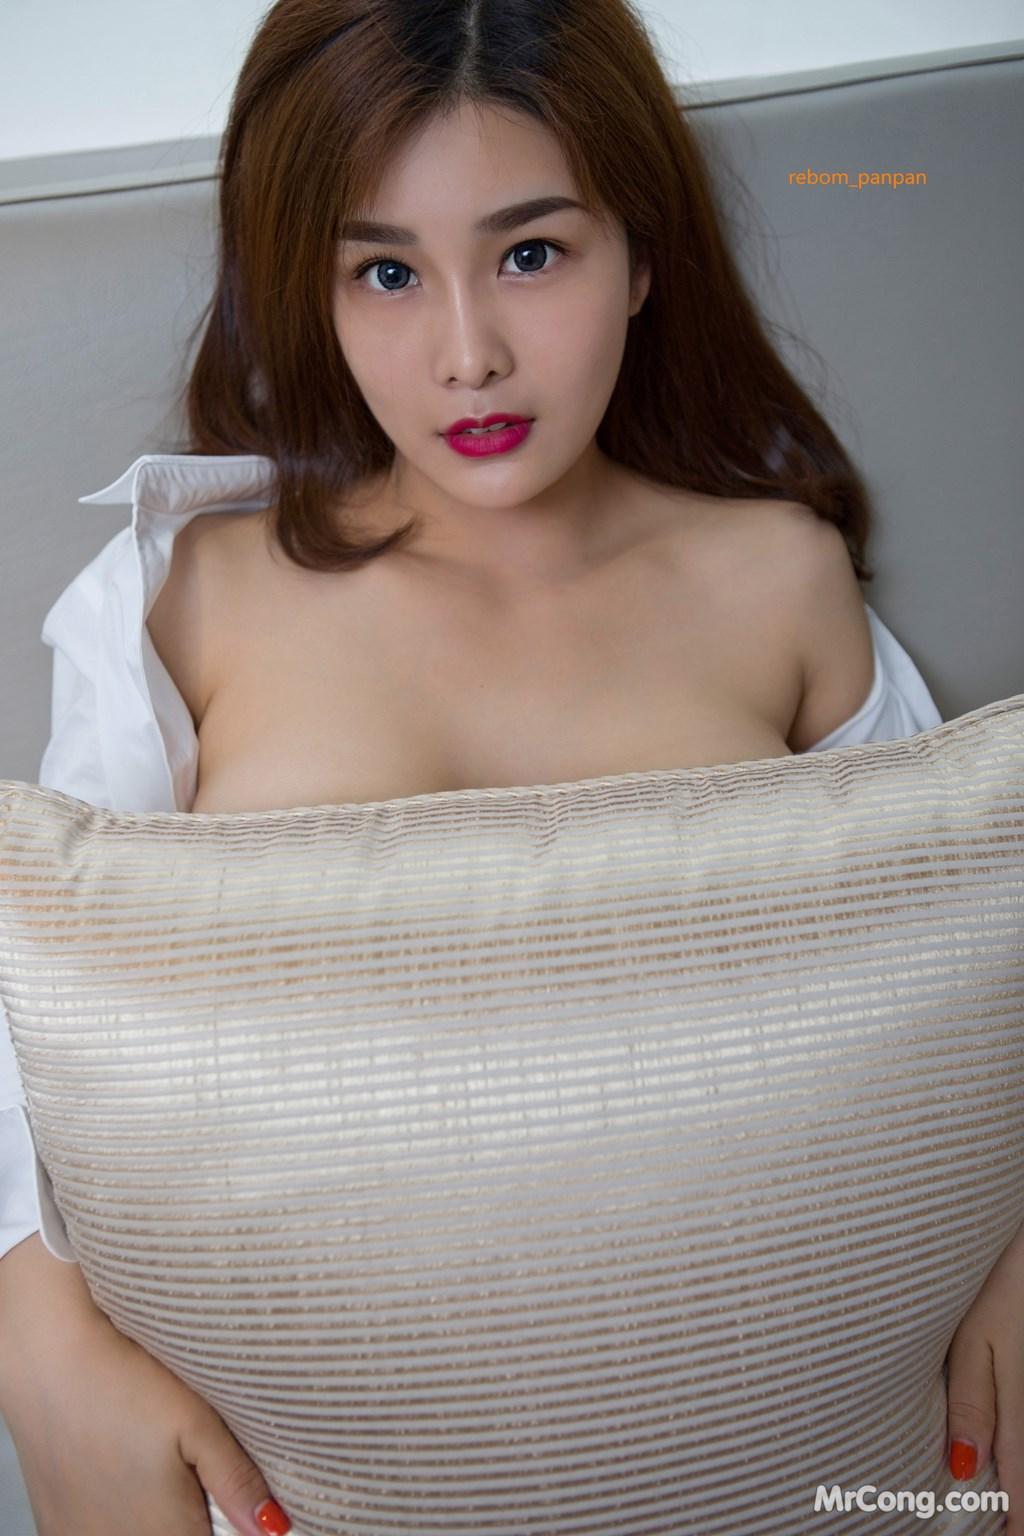 Image Yan-Pan-Pan-Part-4-MrCong.com-024 in post Người đẹp Yan Pan Pan (闫盼盼) hờ hững khoe vòng một trên giường ngủ (40 ảnh)